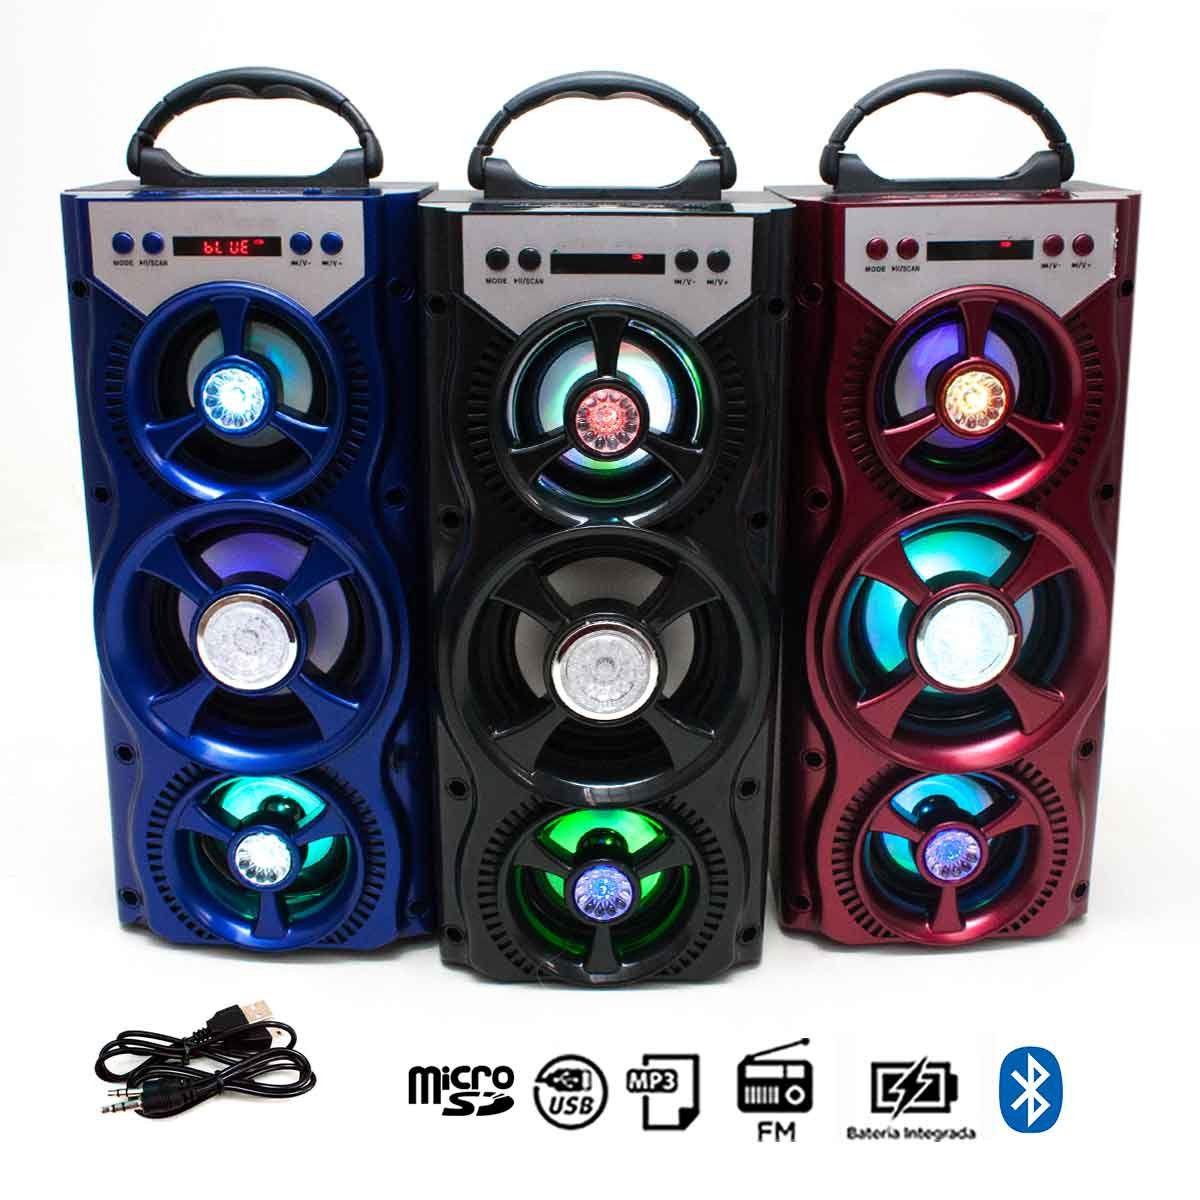 Caixa Som Bluetooth 10w Led Cartão SD Auxiliar Mp3 Mp4 Rádio